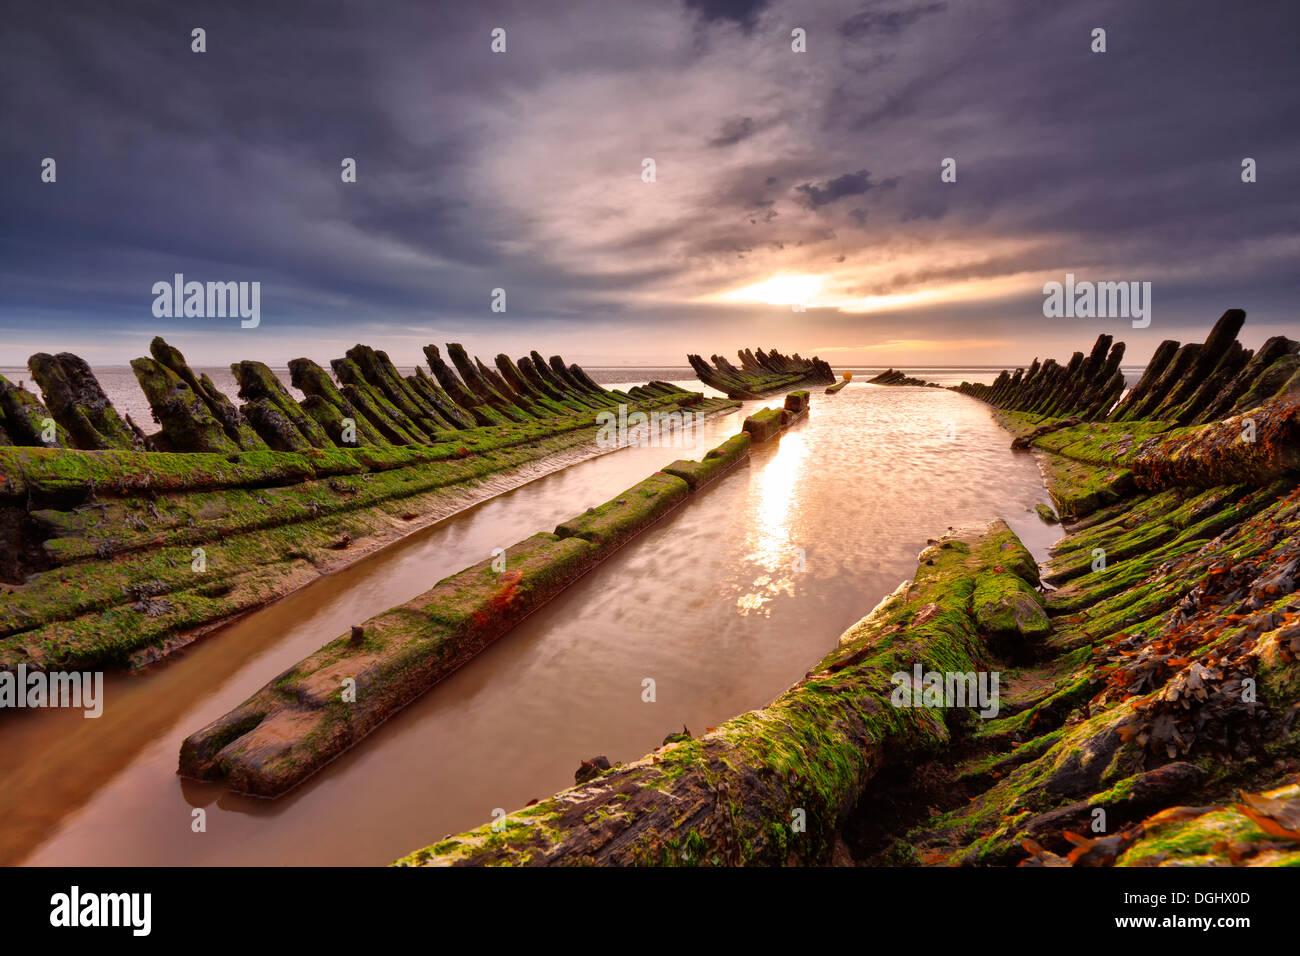 Ansichten des Rumpfes und im Inneren ein Schiffswrack. Stockbild